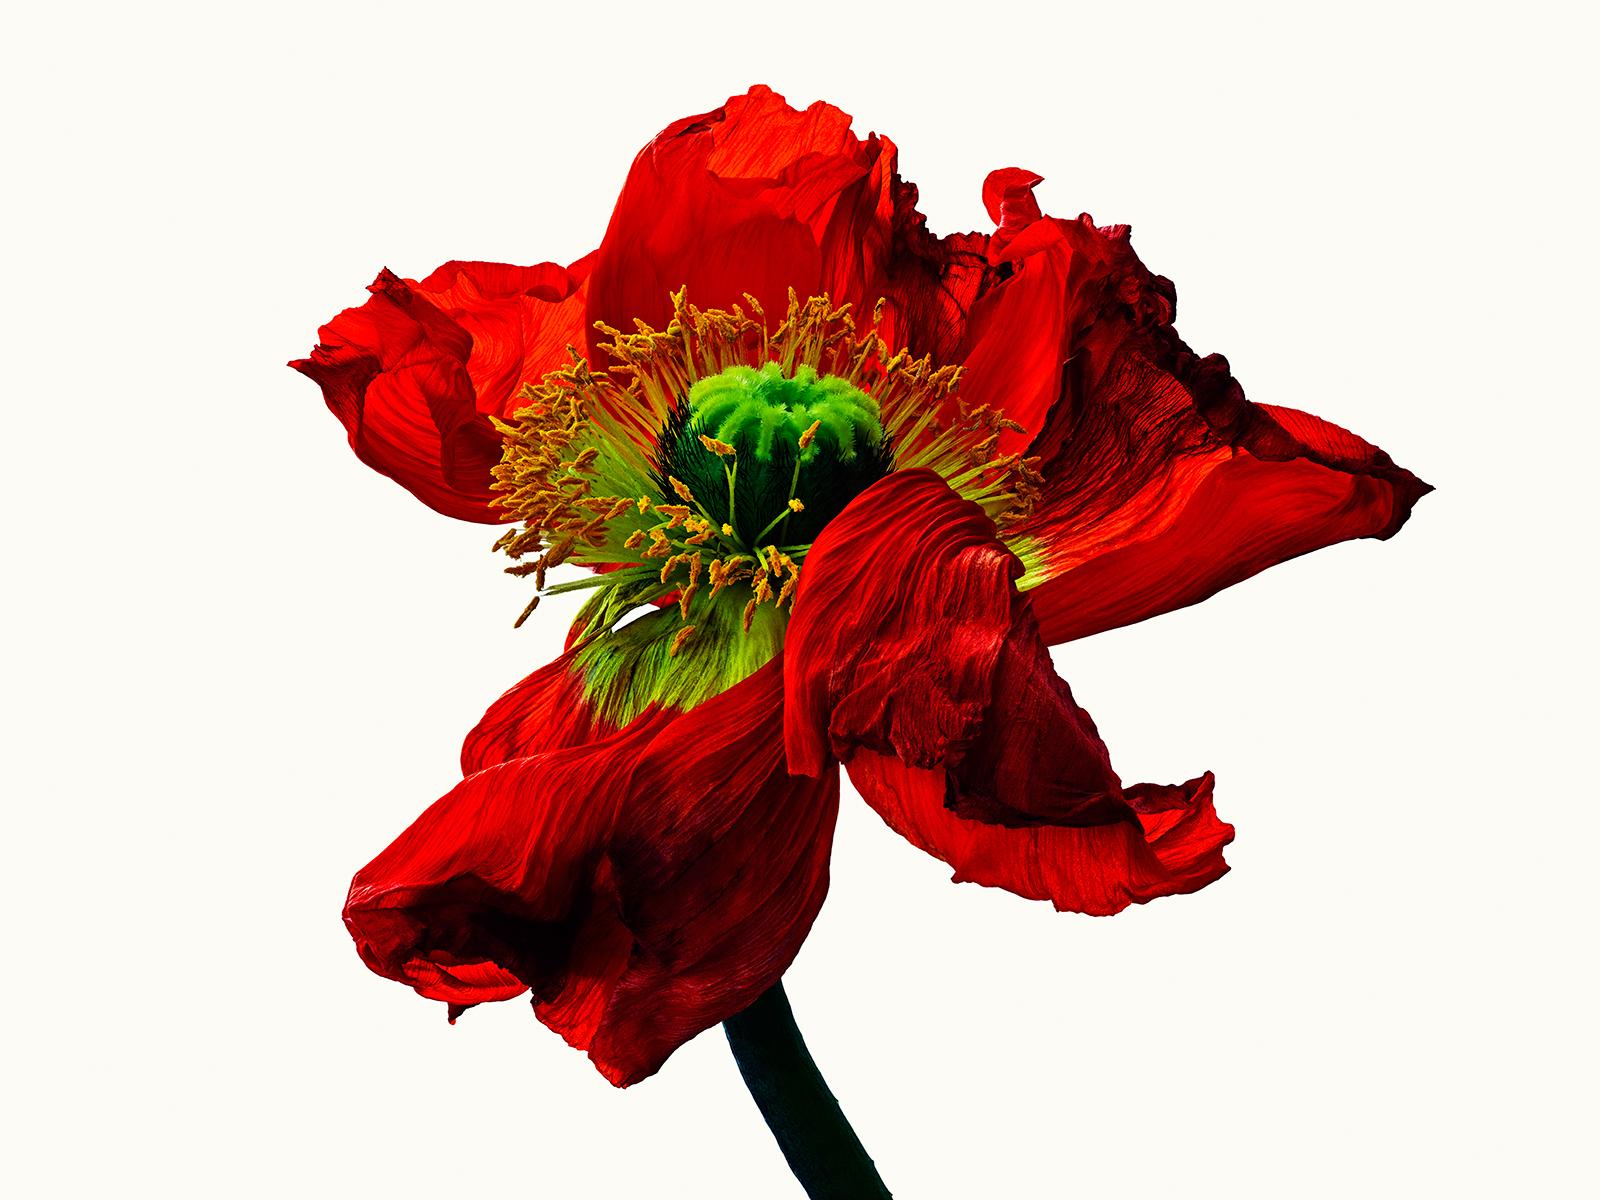 Poppy #2